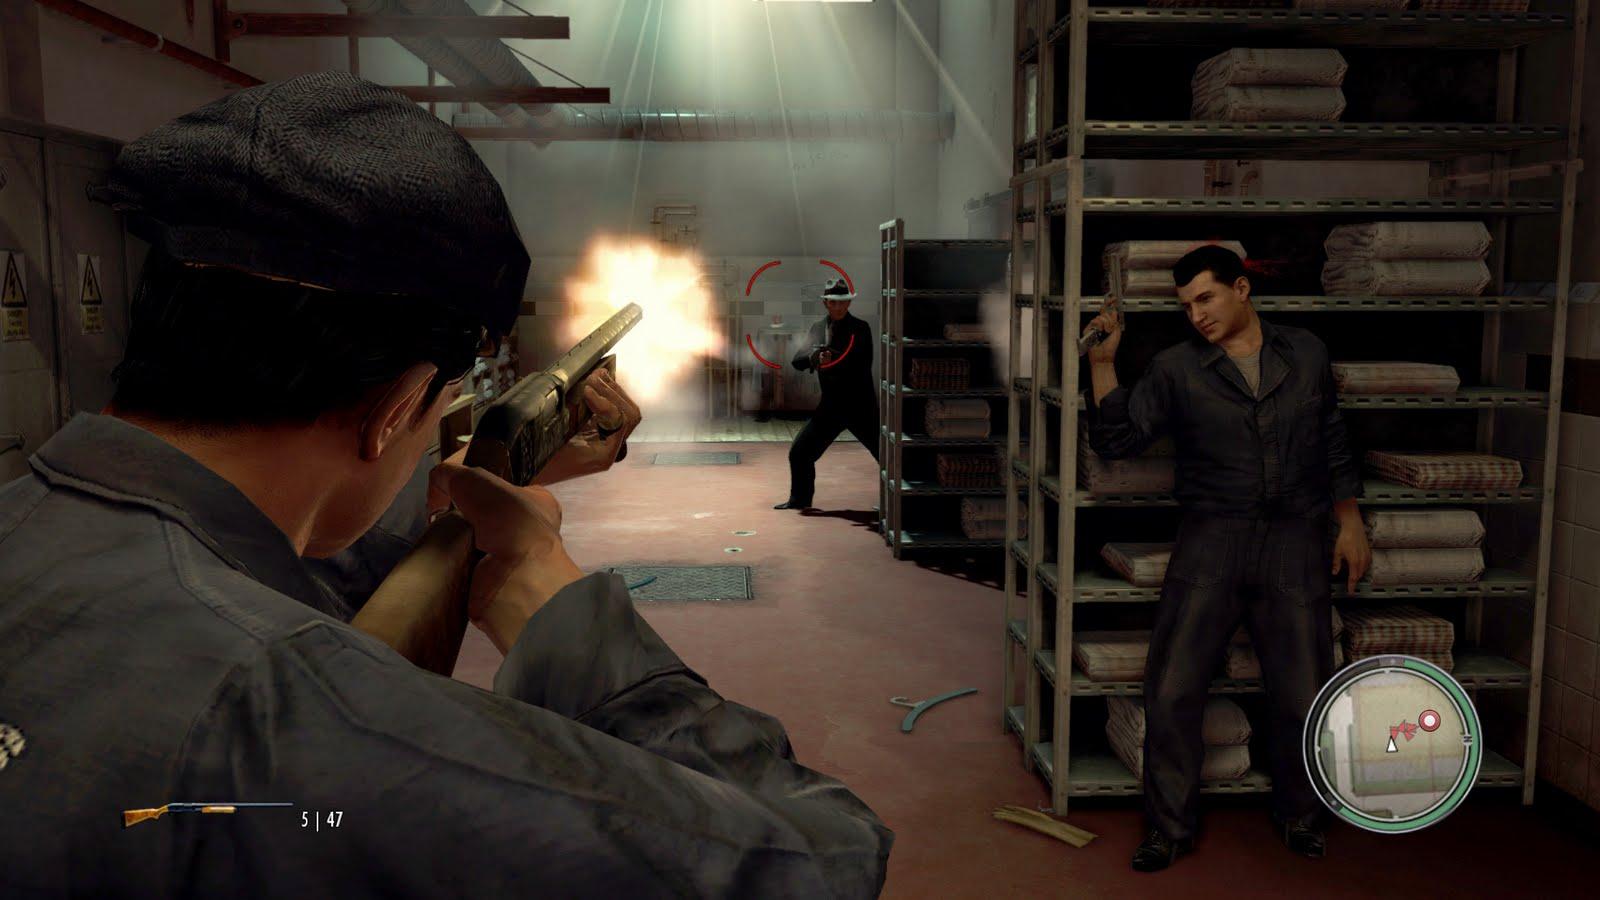 Free download mafia ii 2 pc game full version fun games free download full version pc game - How to download mafia 2 ...